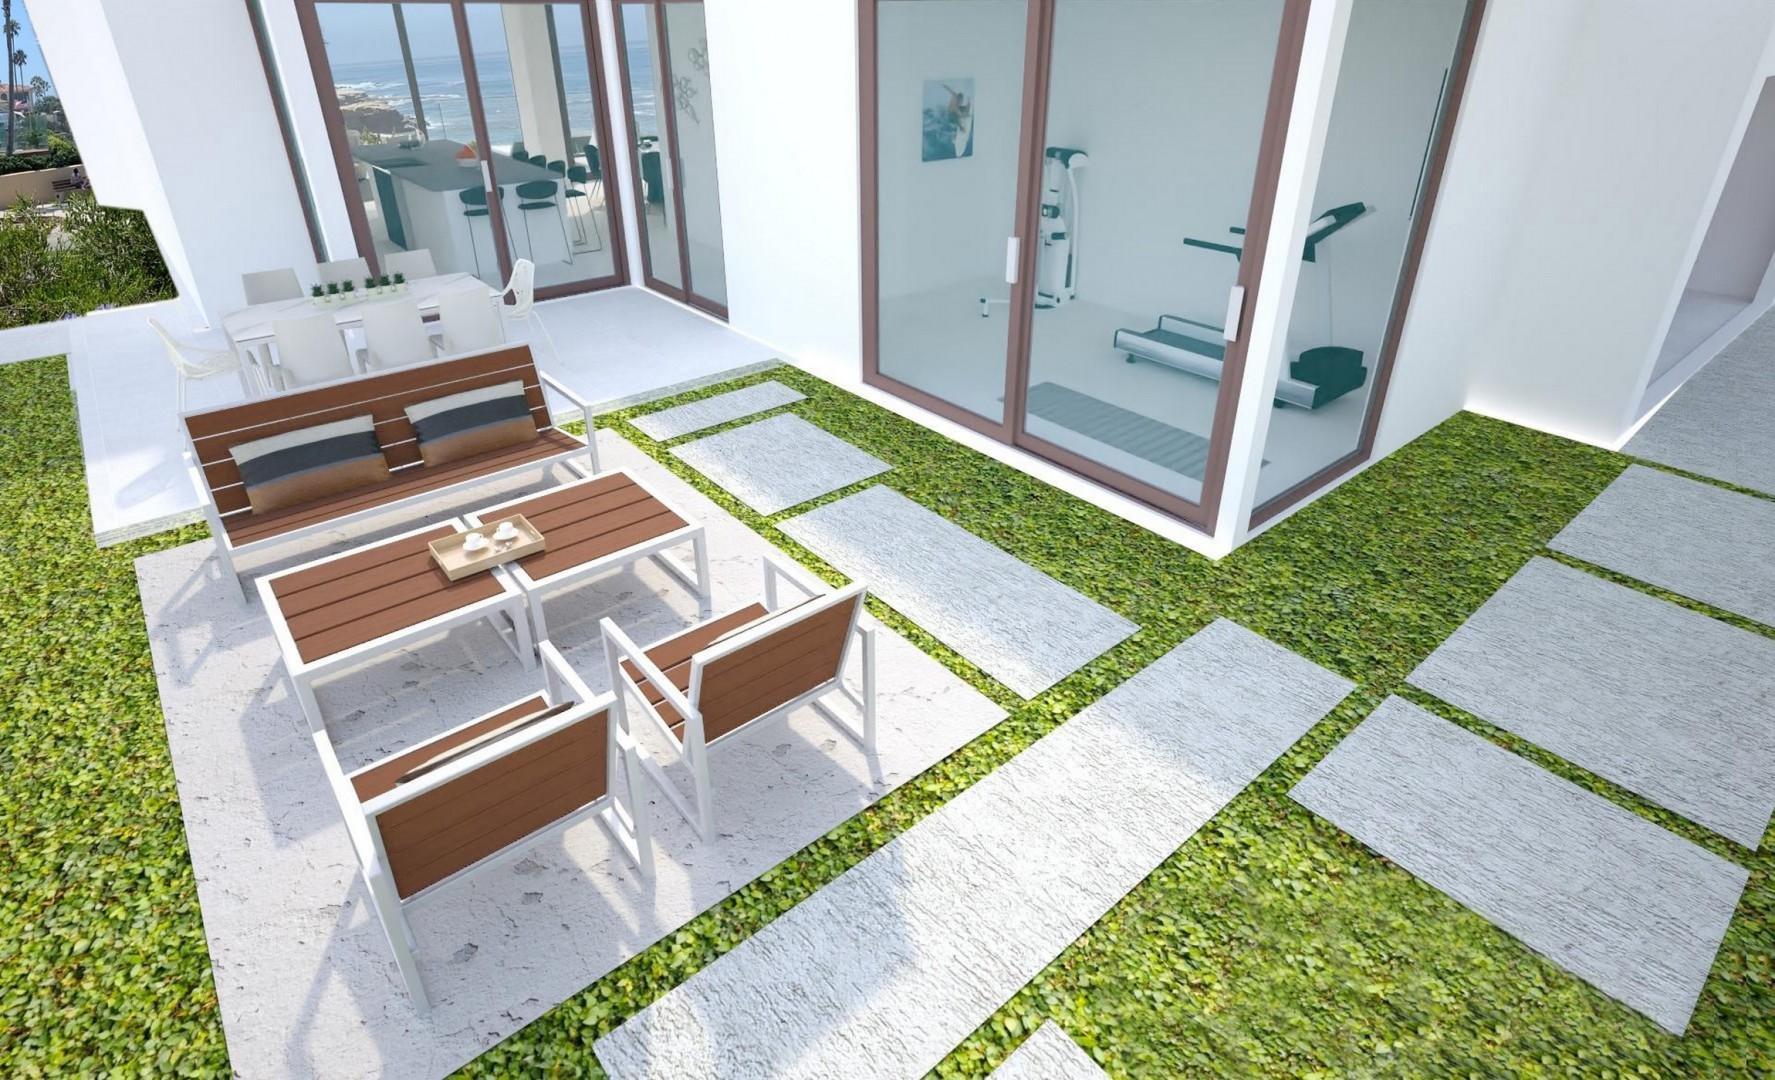 Rear garden courtyard with exercise room